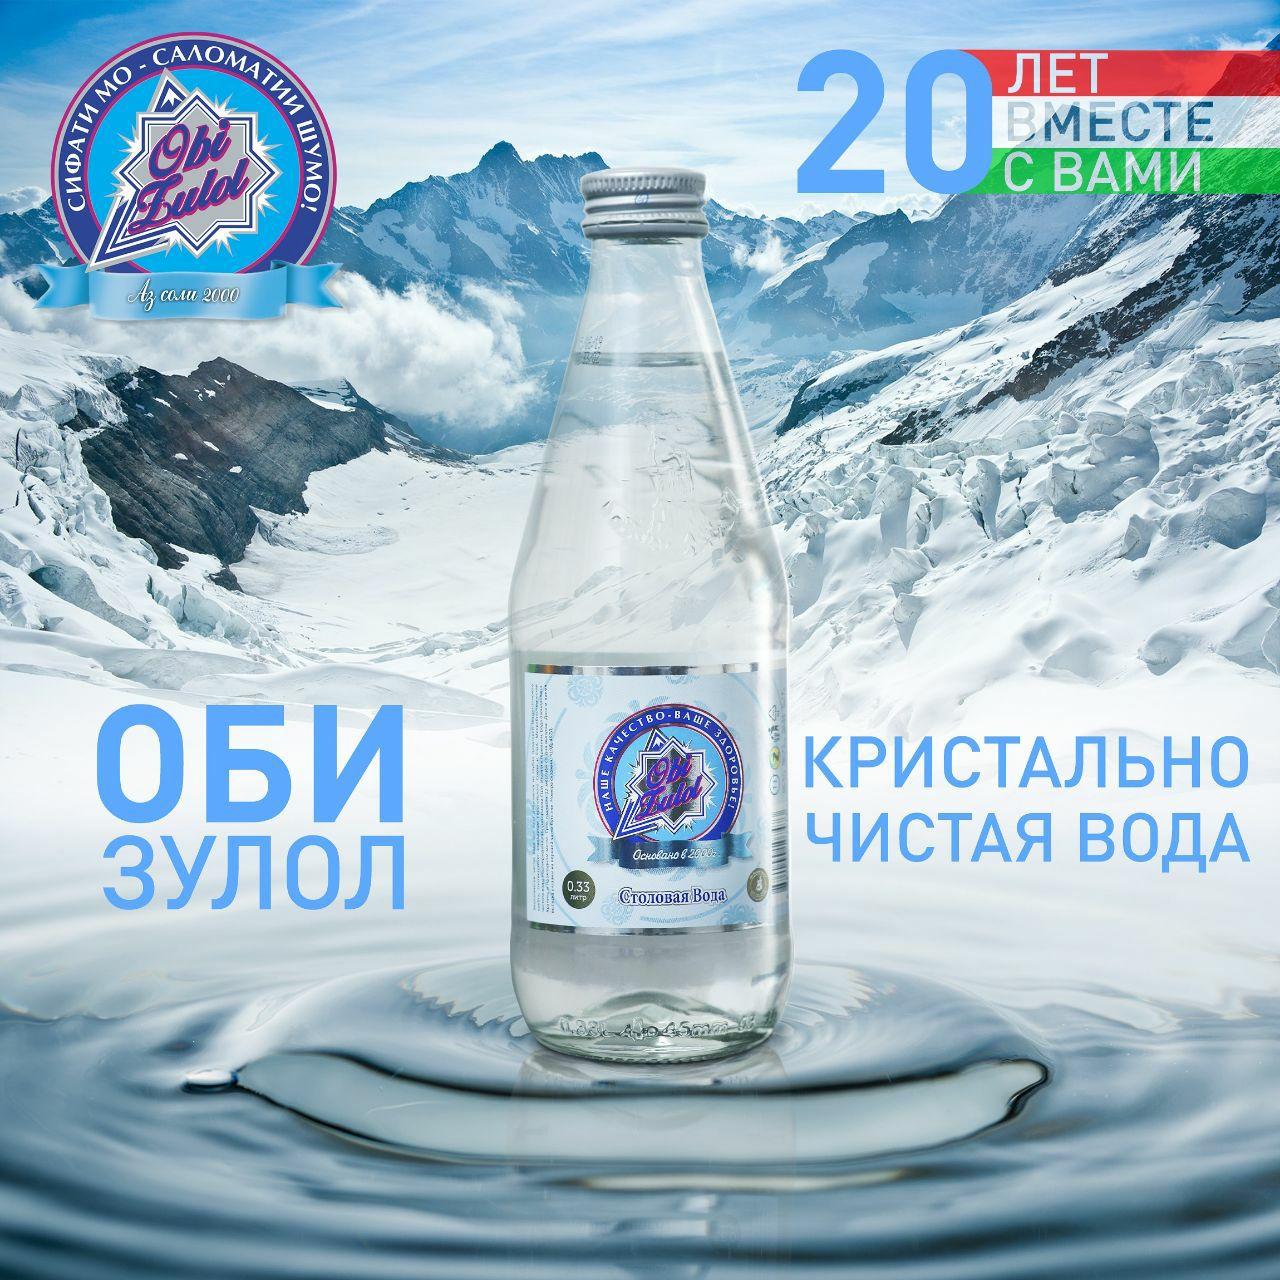 photo_2020-11-27 12.31.24